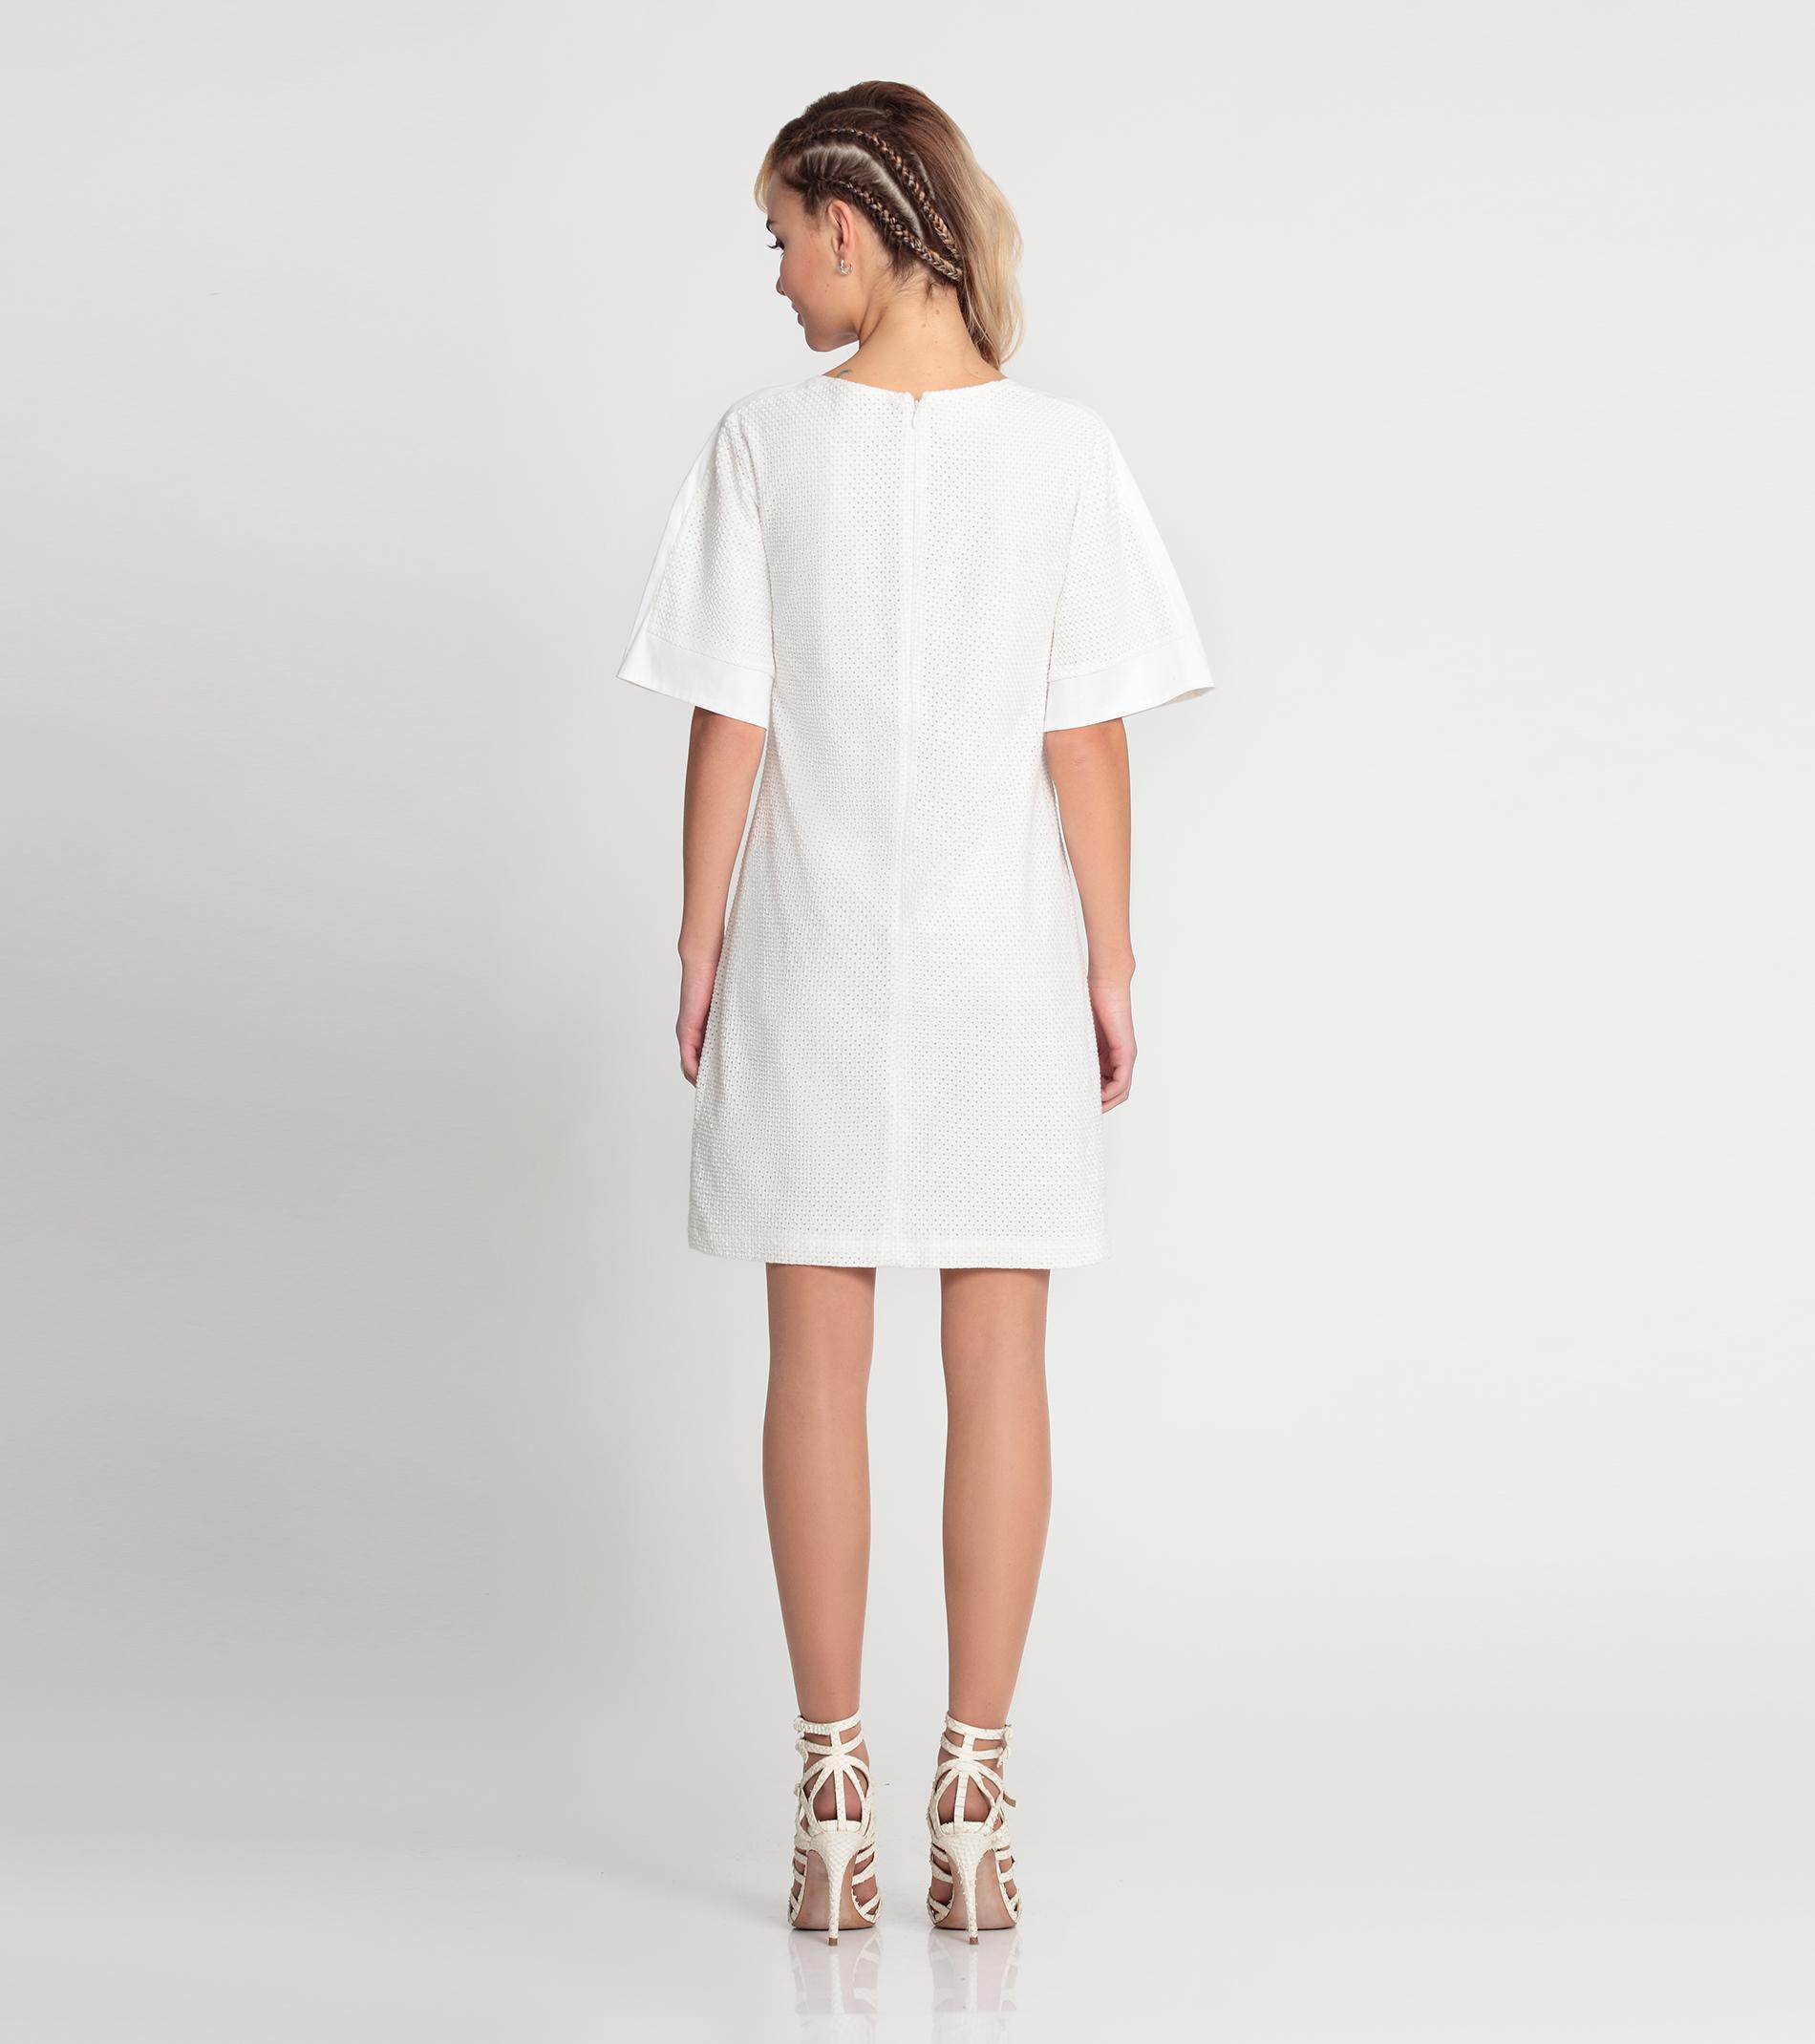 Купить женскую одежду с доставкой